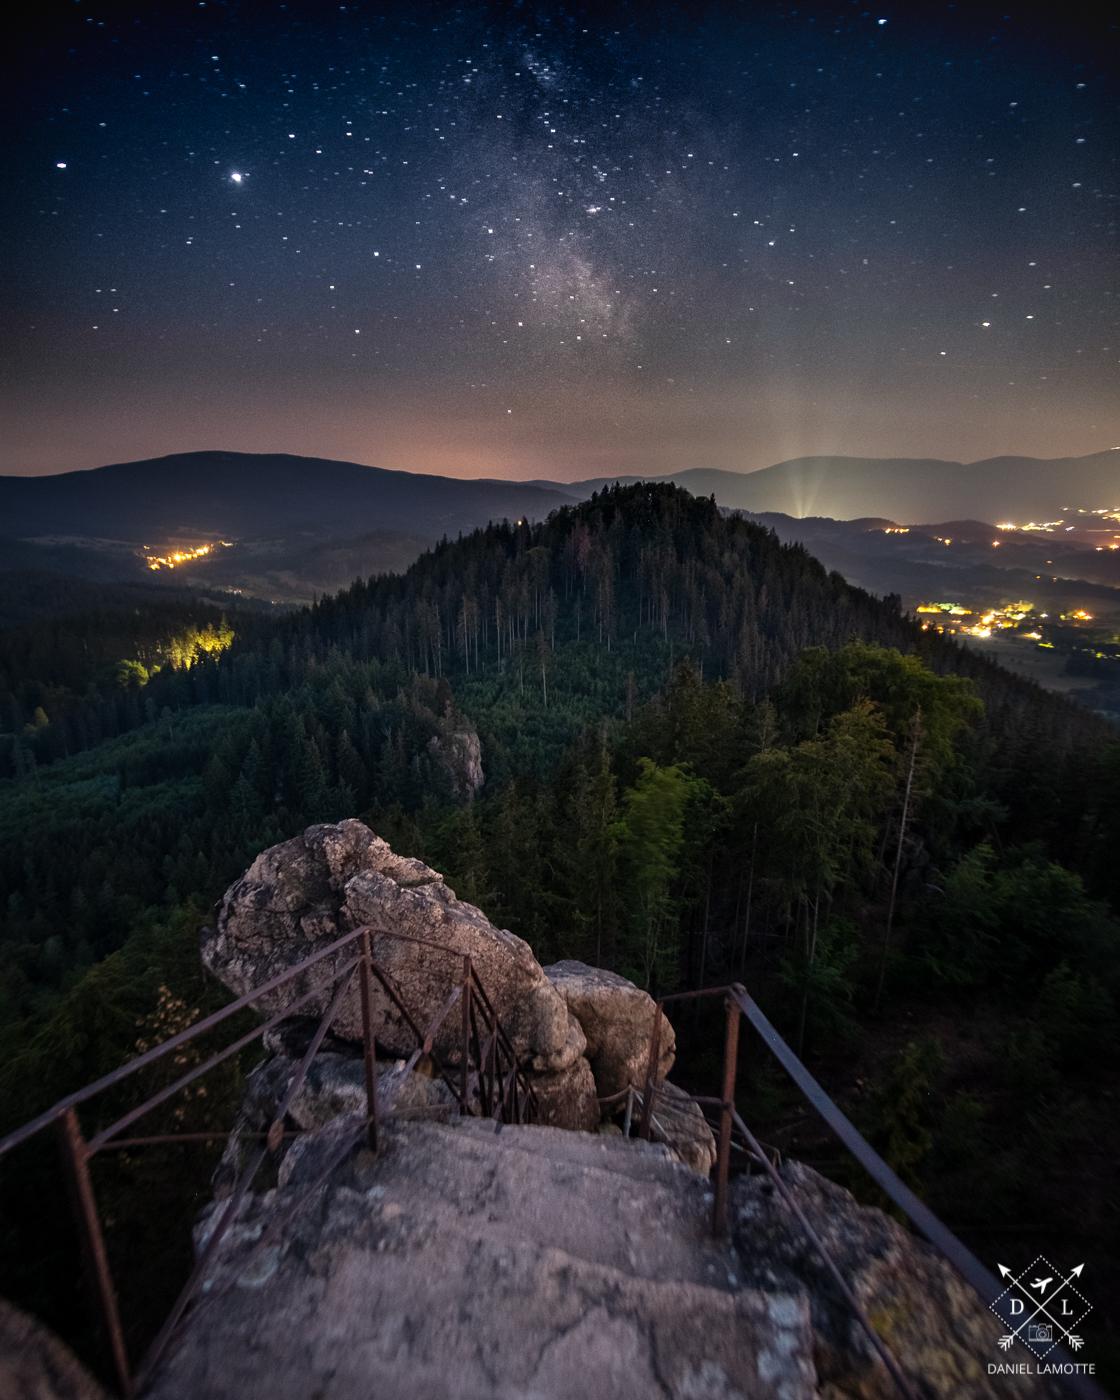 Sokolik astrofotografia